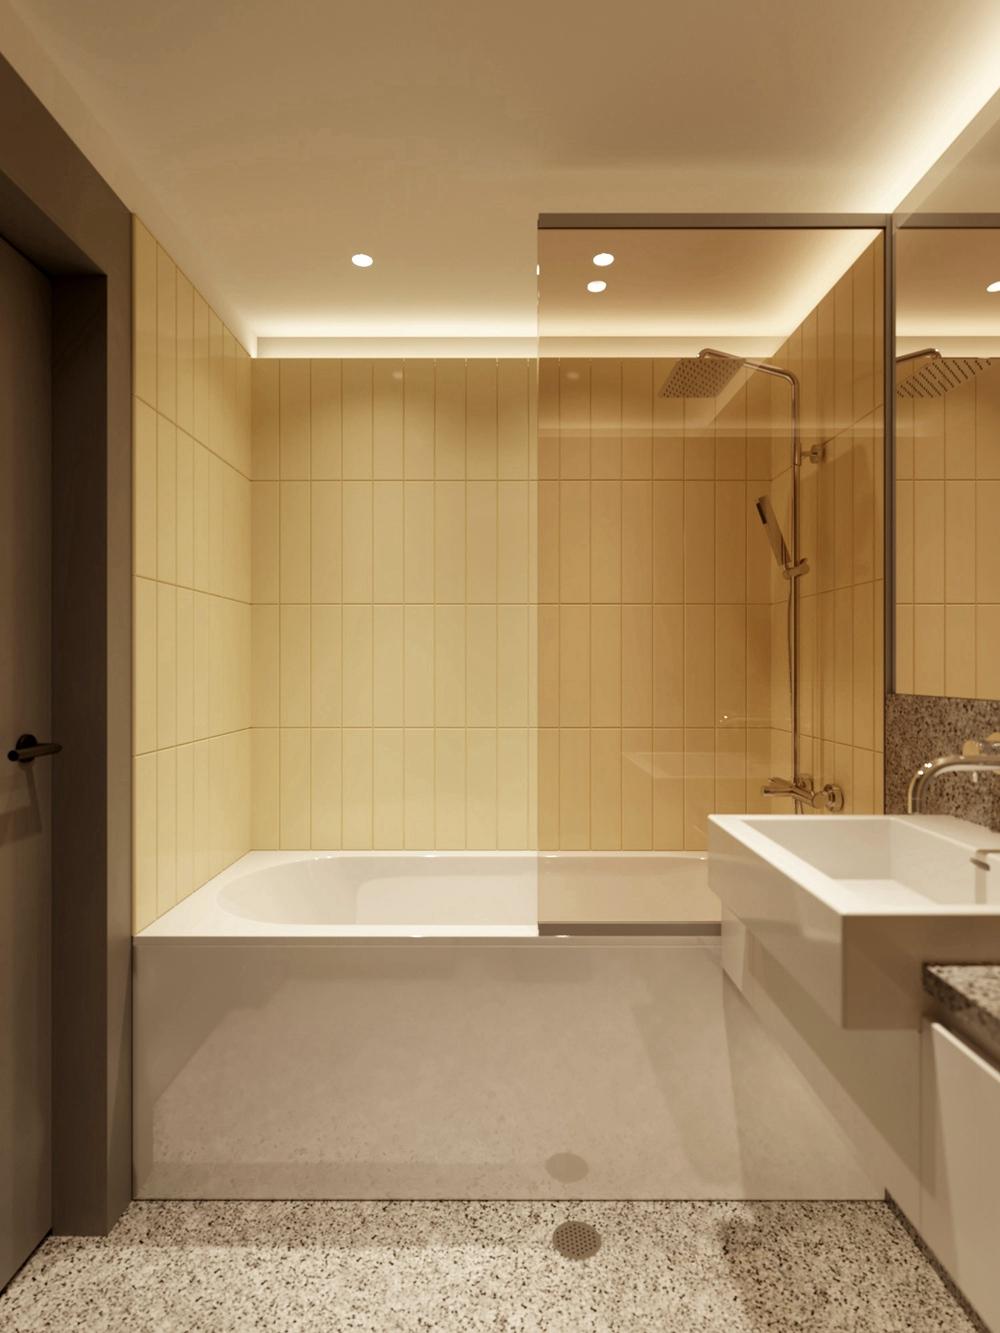 衛生間依舊是去繁就簡的原則,幹隔斷幹濕分離設計有效隔絕了氣味和水漬。